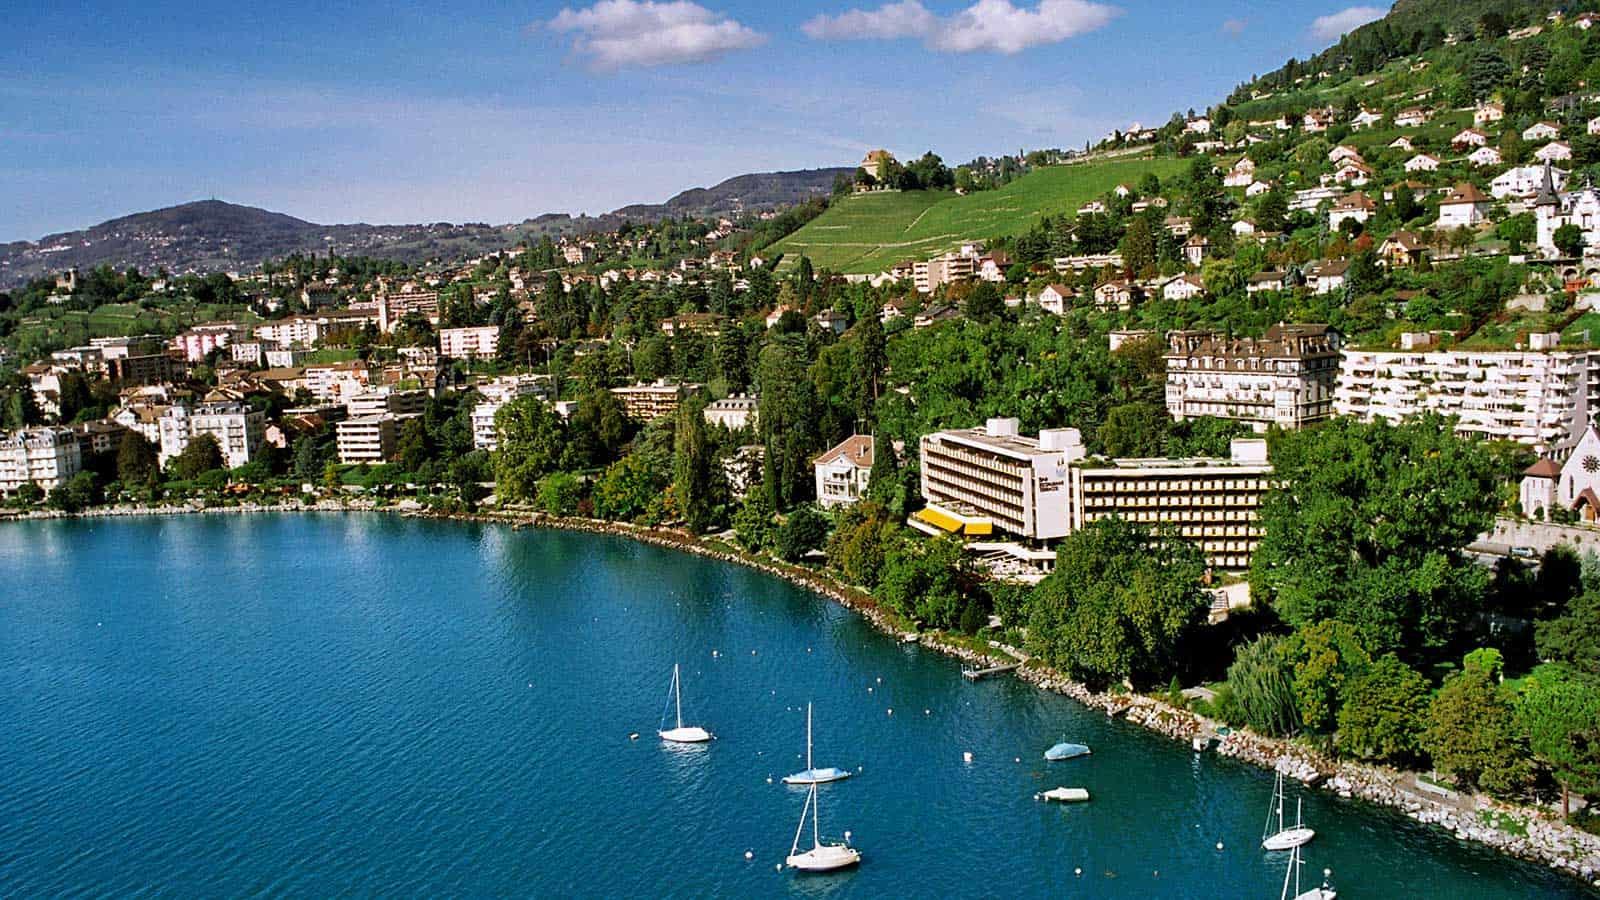 افضل 4 شقق فندقية في مونترو سويسرا ننصح بها 2020